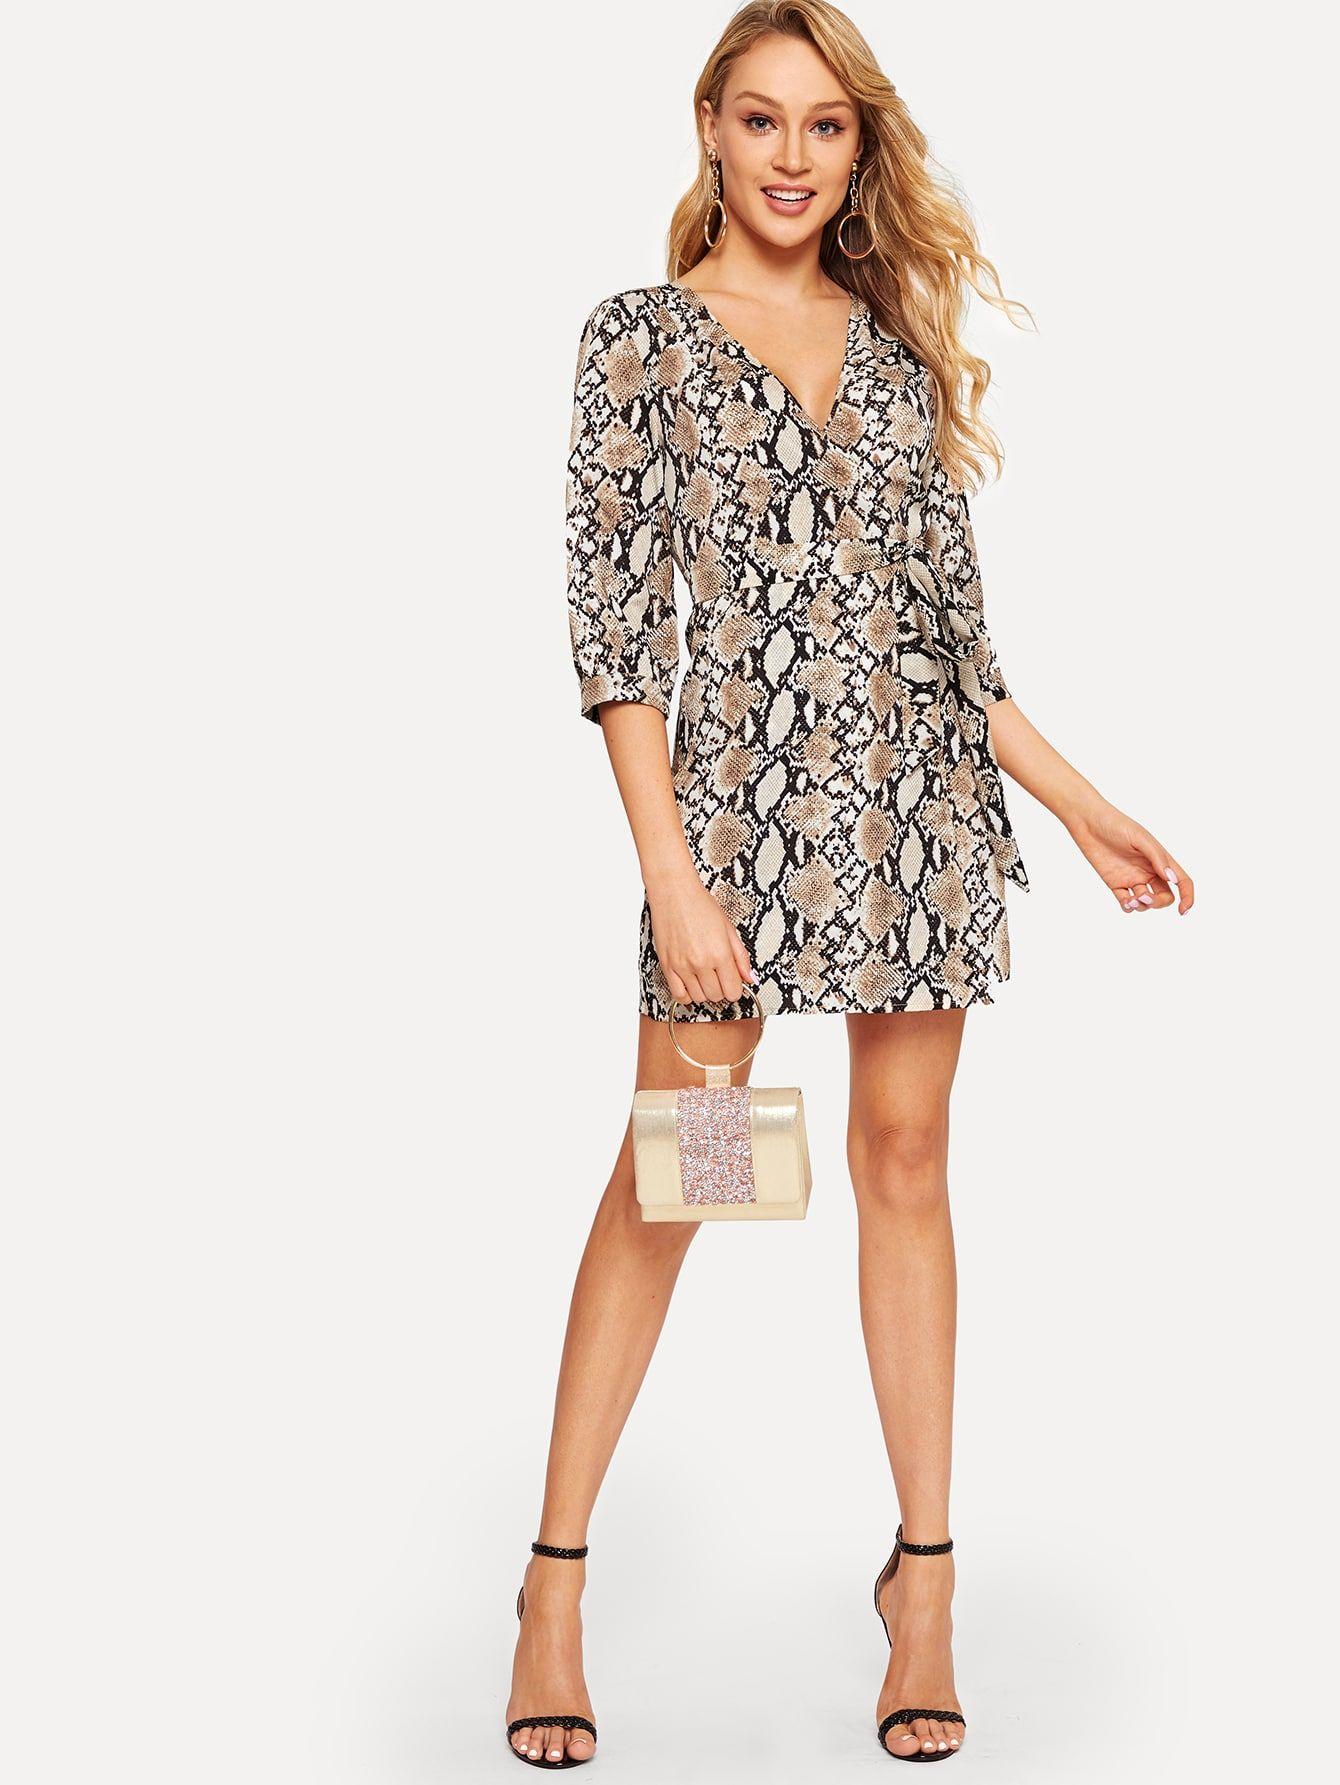 Snake Print Surplice Wrap Dress Shein Sheinside Surplice Wrap Dress Wrap Dress Dresses [ 1785 x 1340 Pixel ]